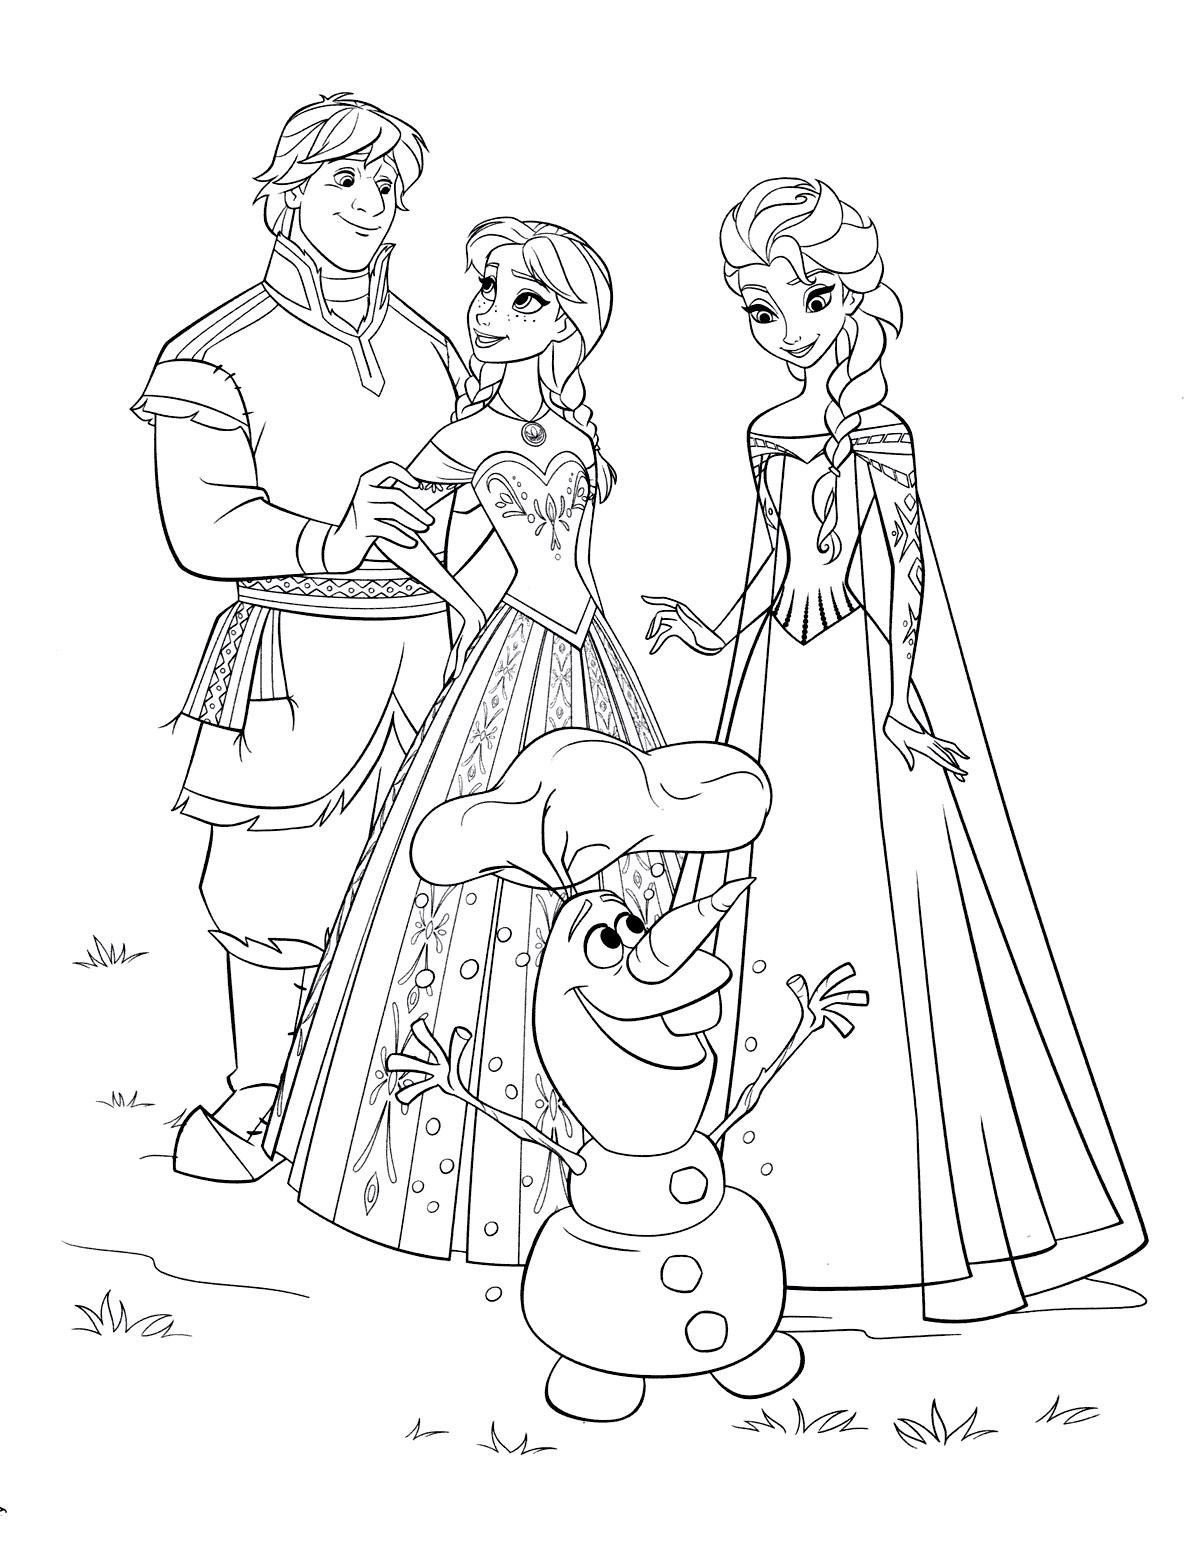 Tranh tô màu công chúa Elsa đẹp, hấp dẫn nhất